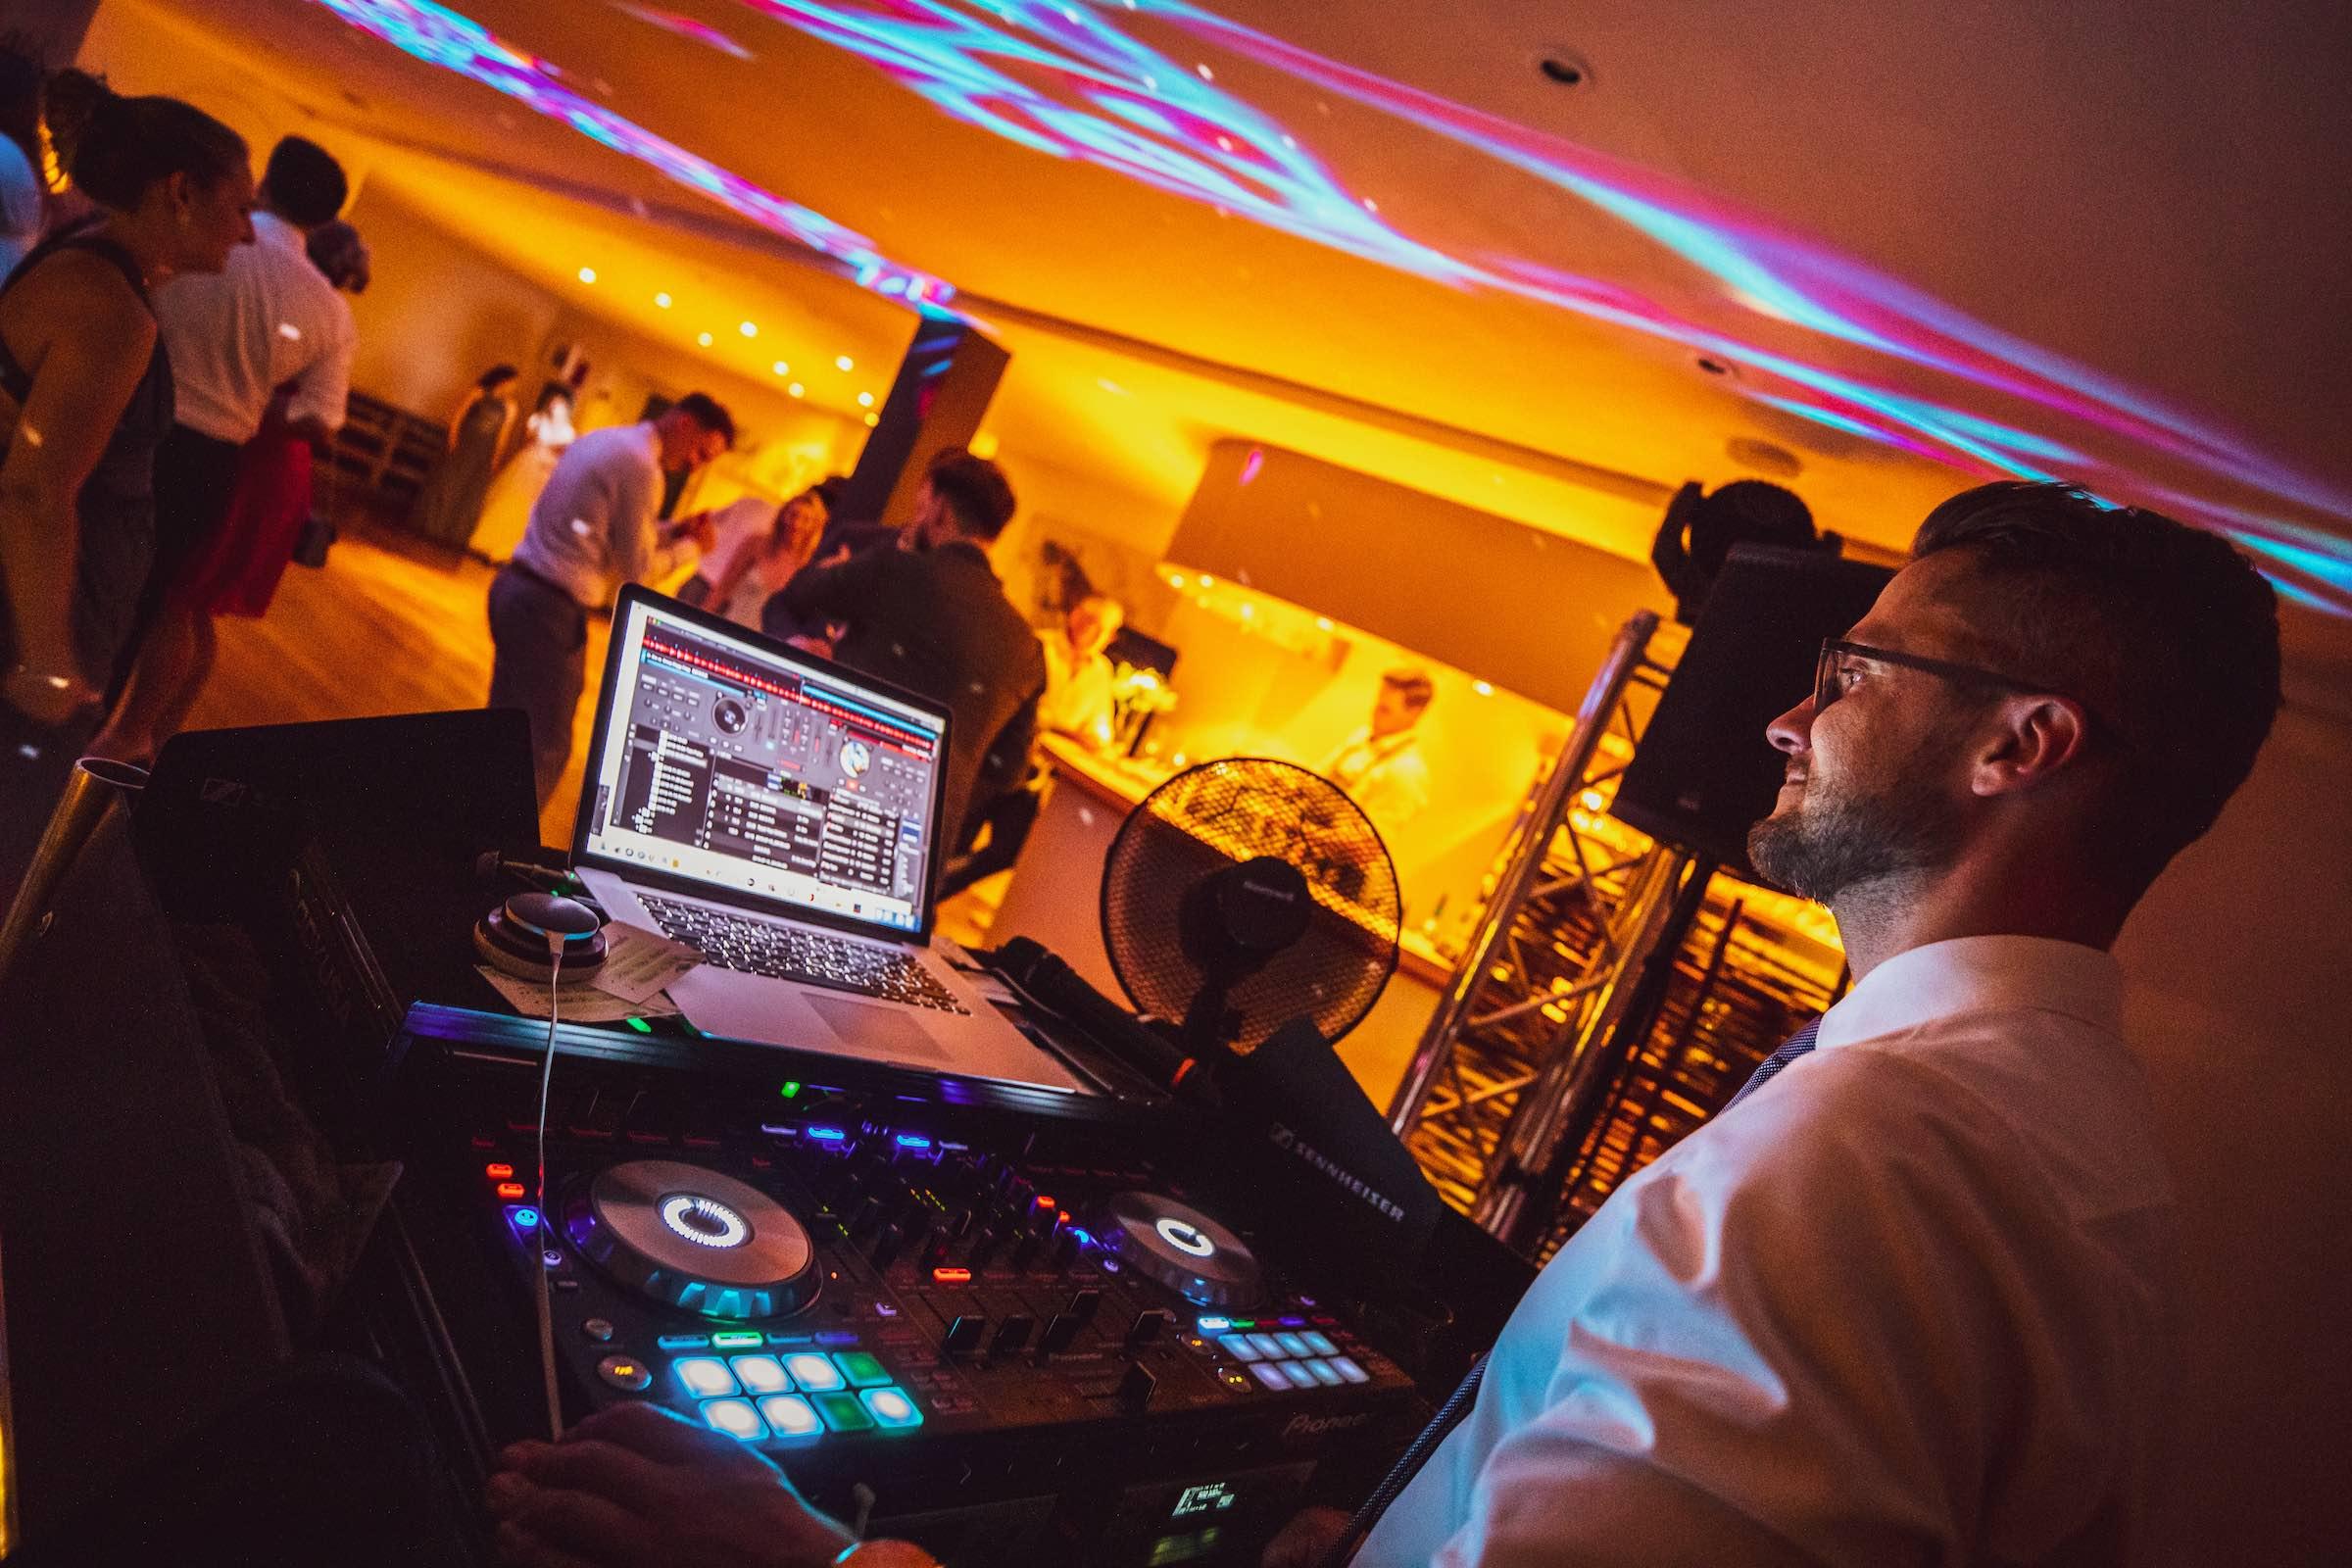 Landhaus   am   See   Hannover   Restaurant   Restaurant   Referenz   Location   Fotograf   DJ   Daniel   Paar   DJ   Hochzeit   DJ   Geburtstaga   DJ   Firmenfeier   Mieten   Buchen   Lehmann   Eventservice